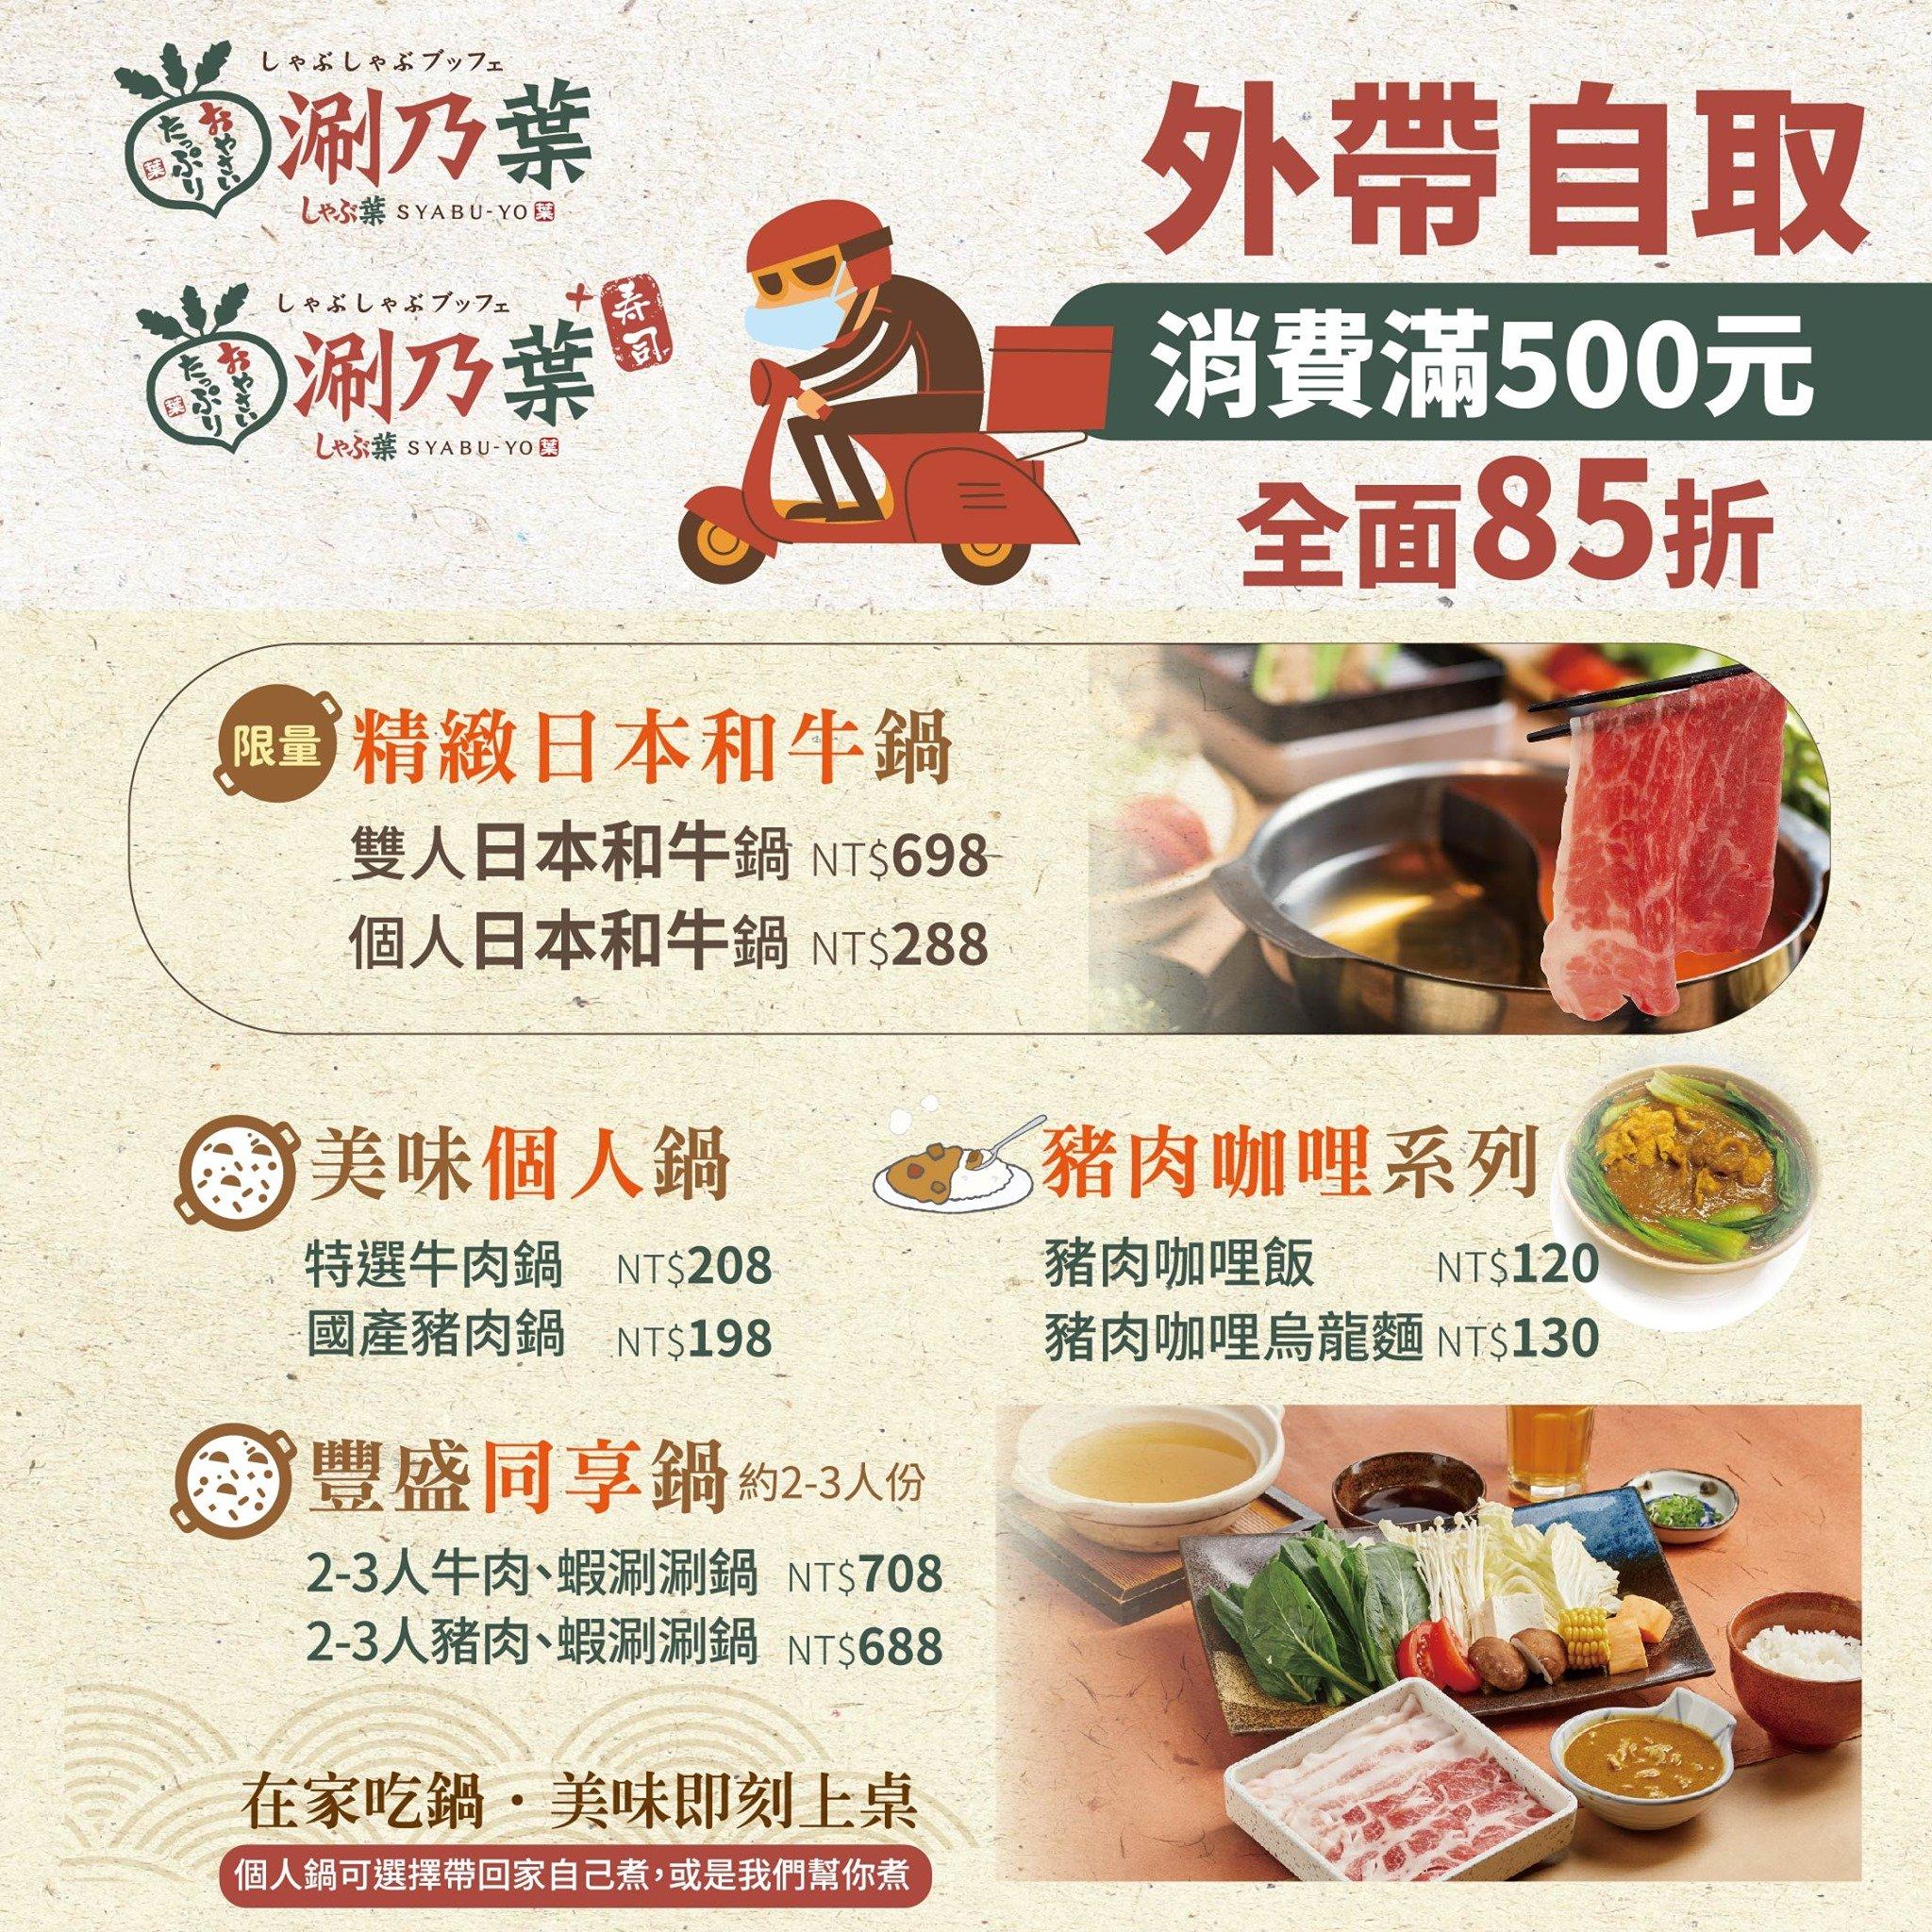 台北外帶美食 優惠餐廳總整理 防疫期間外帶優惠總整理! 連鎖品牌外帶優惠懶人包 7